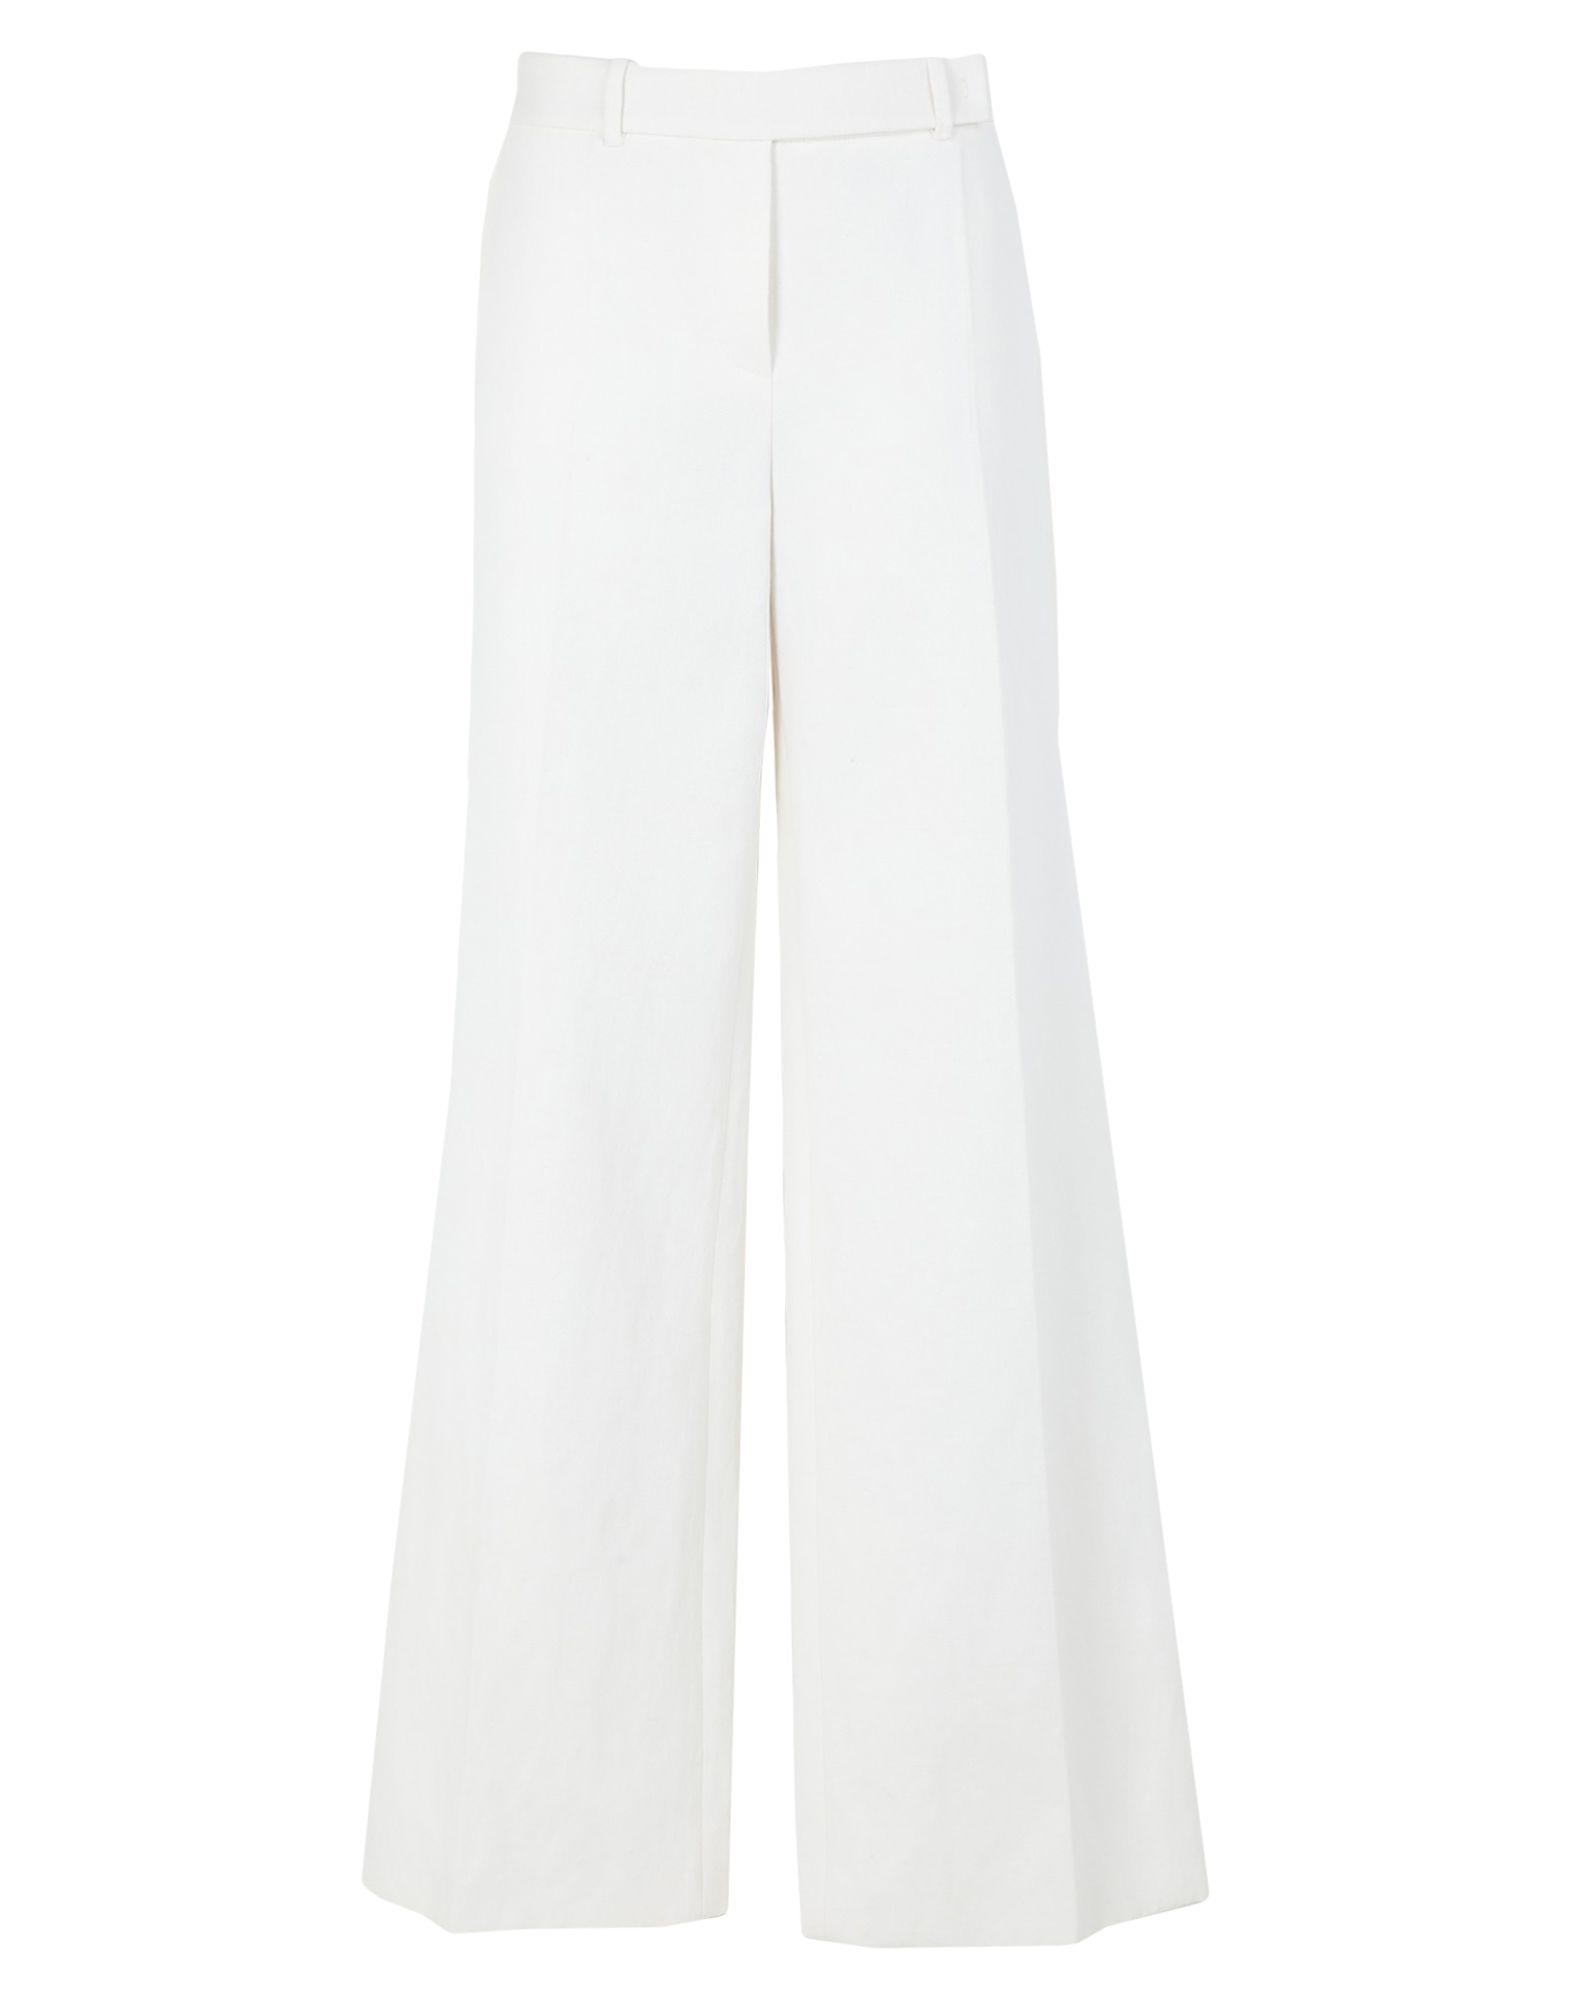 PAULE KA Повседневные брюки ruibi ka marc rebecca тонкий брюки карандаш пригородный костюм брюки тонкие брюки 72012k темно серый код m